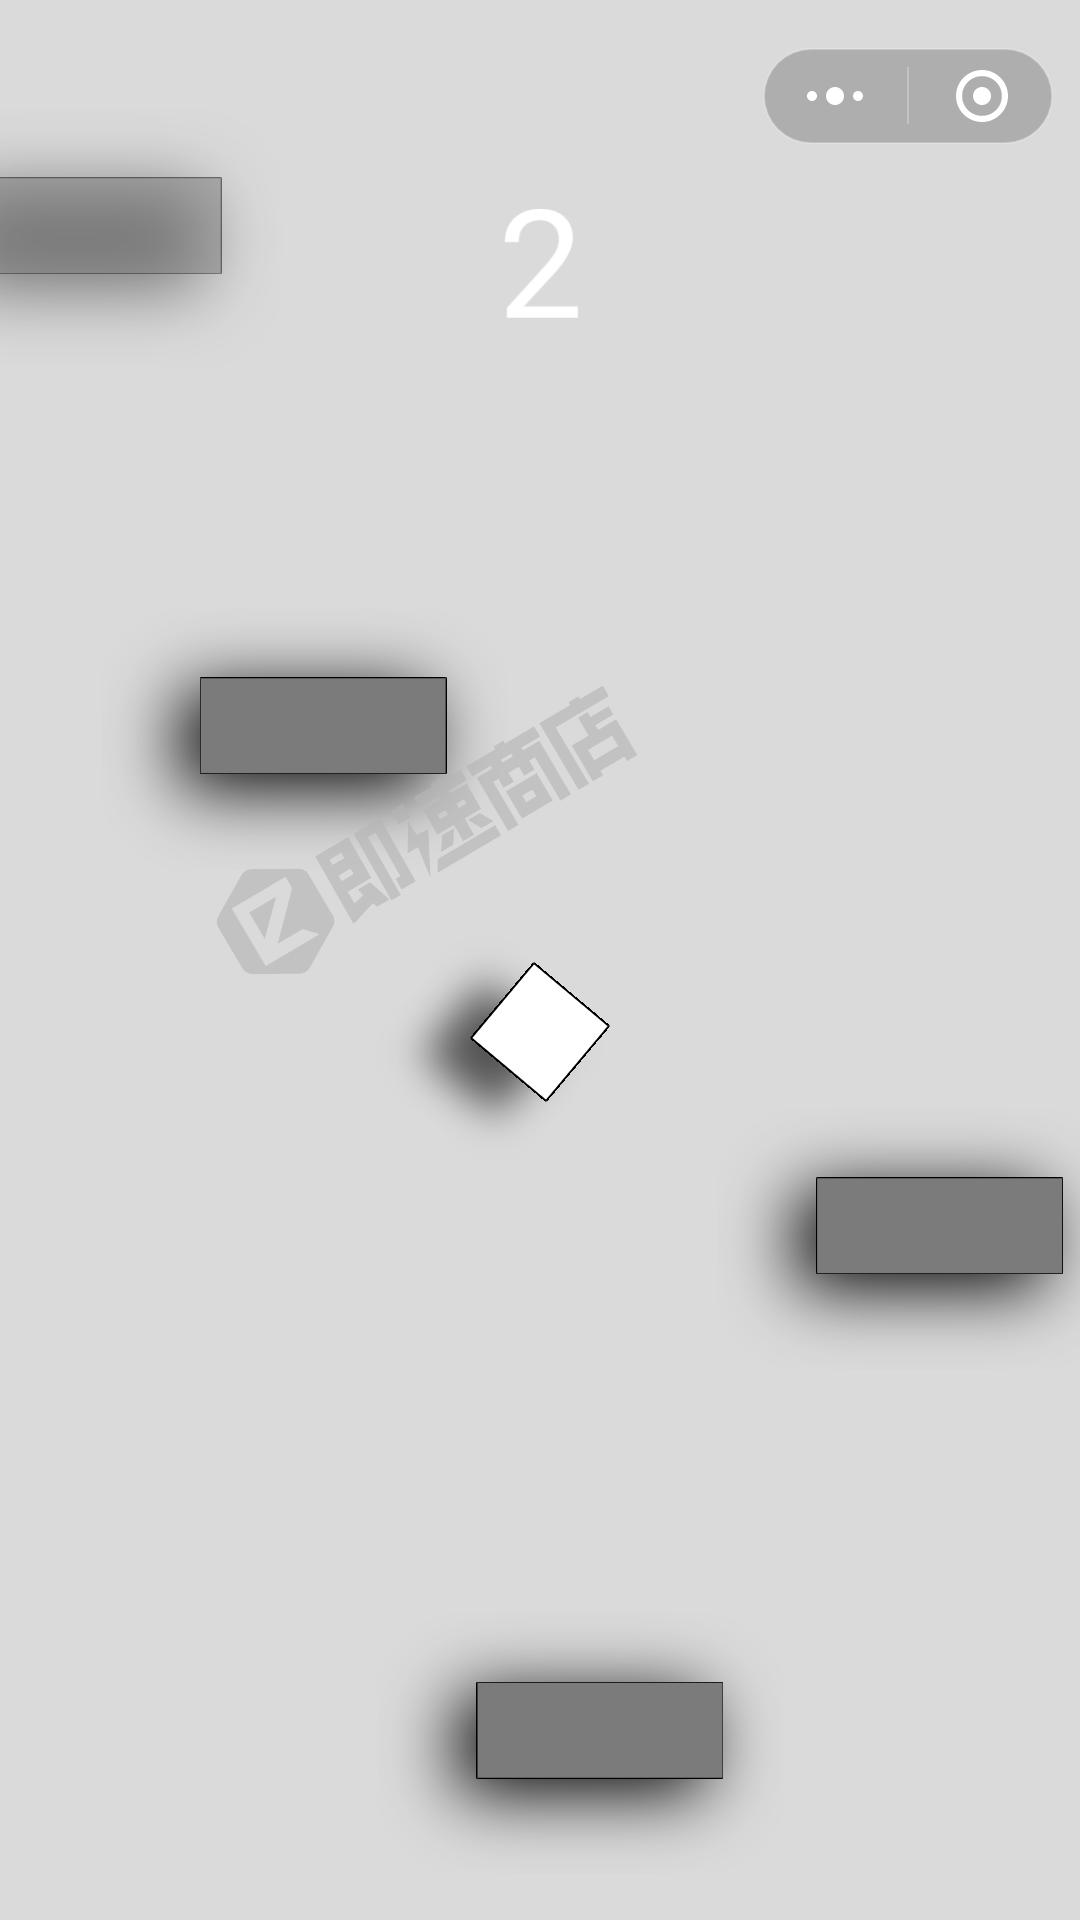 方块向上冲小程序列表页截图